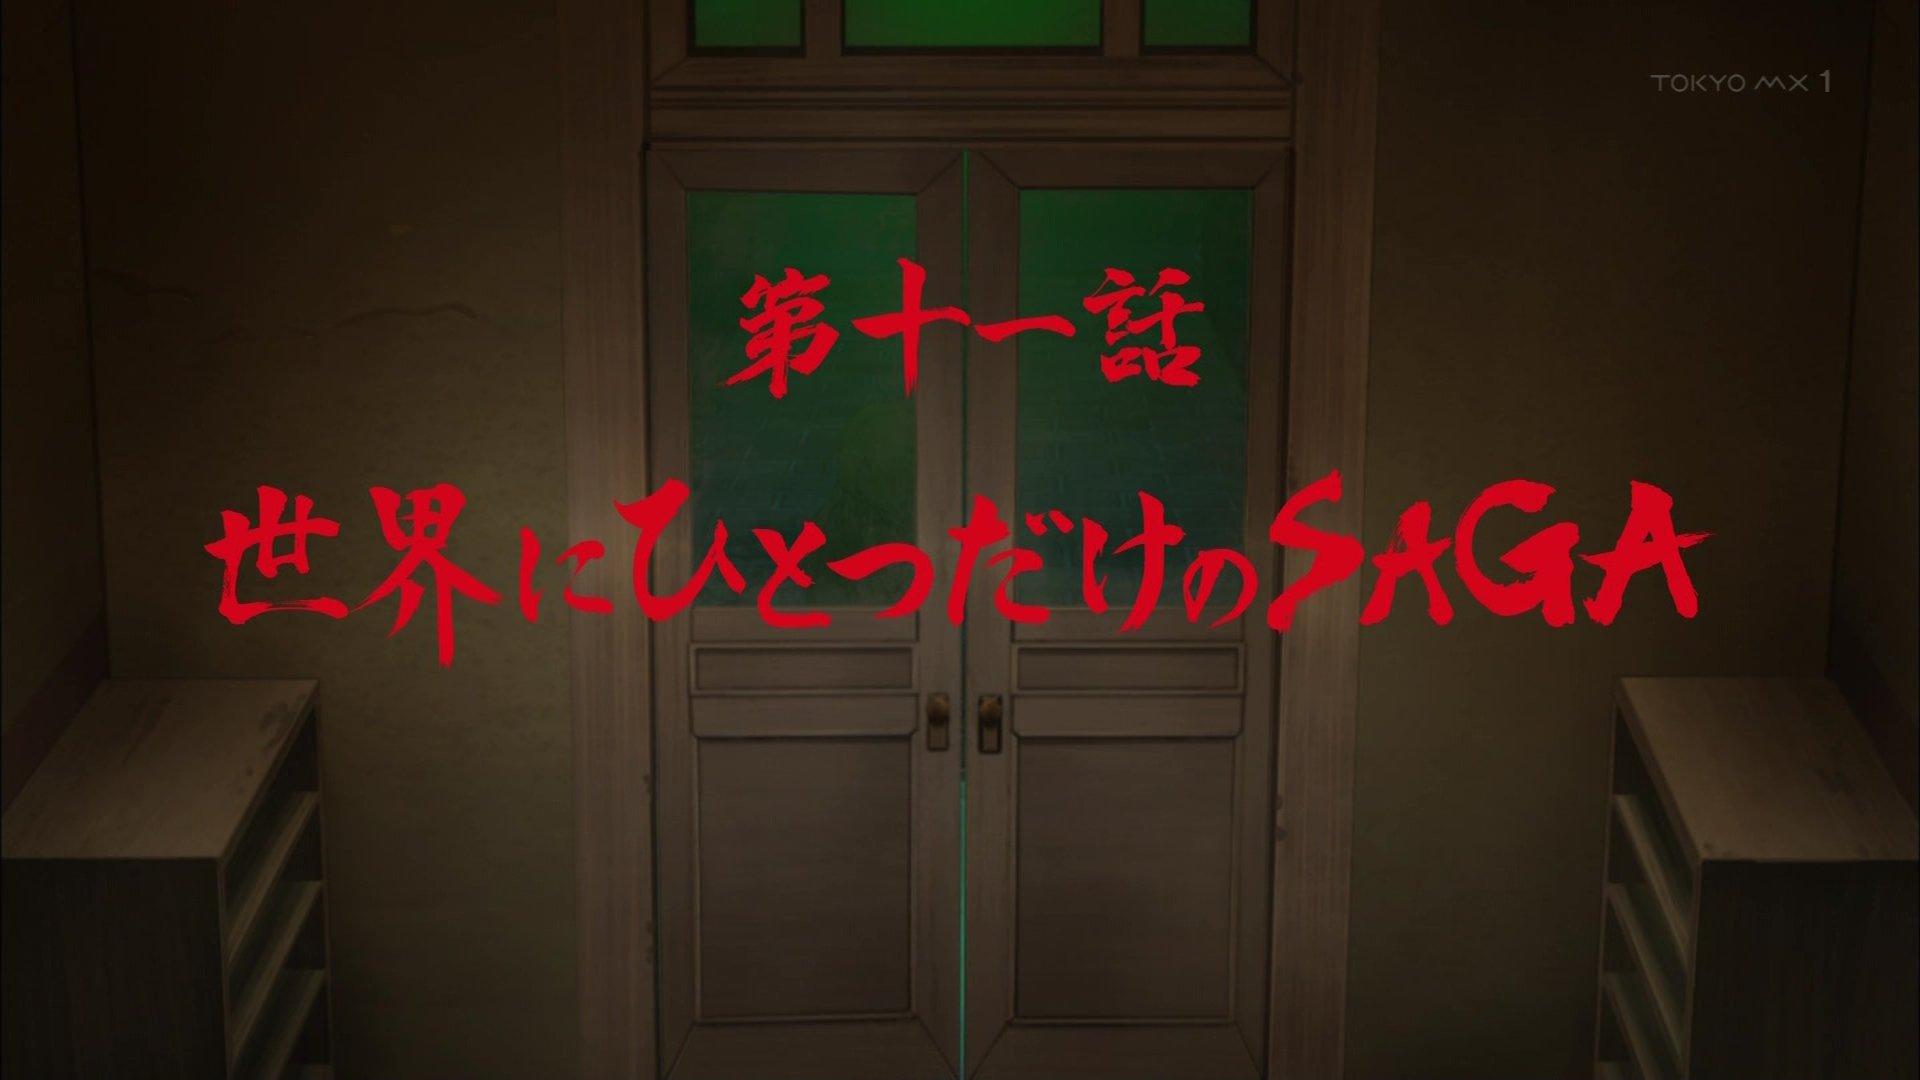 世界にひとつだけのSAGA #ゾンビランドサガ #ZombielandSaga #tokyomx https://t.co/cn8rTfs32U